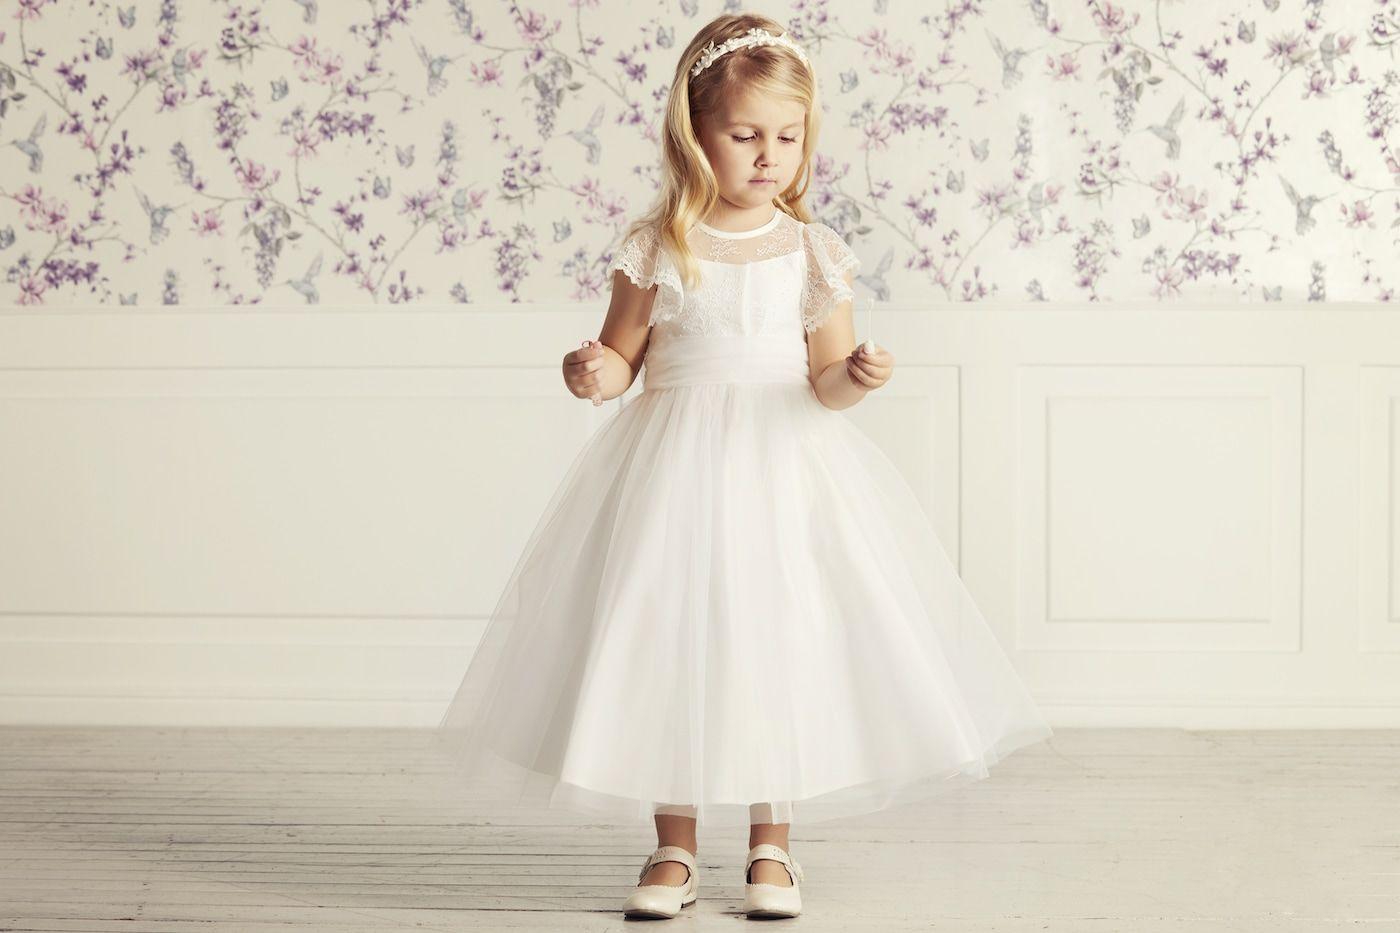 Kinderkleid von LILLY Modell 08-413